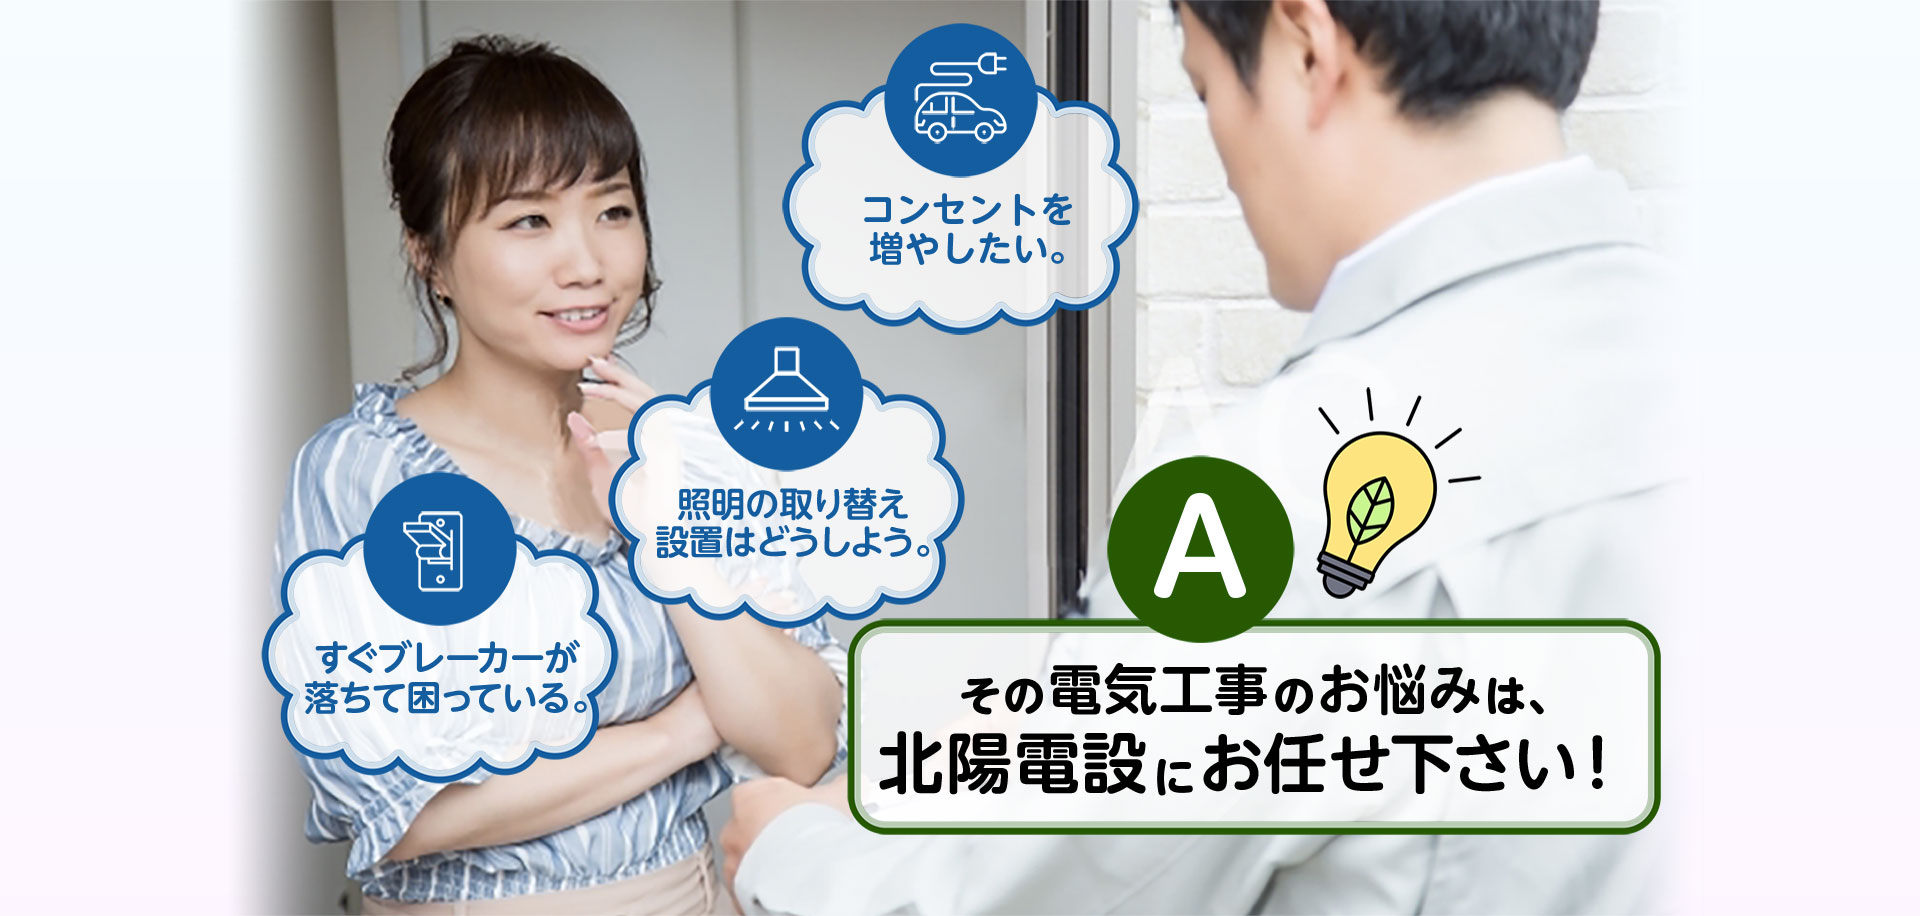 青森県八戸市 有限会社 北陽電設 コンセントを増やしたい、照明の取り換え設置はどうしよう、すぐブレーカーが落ちて困っている。その電気工事のお悩みは北陽電設にお任せ下さい!